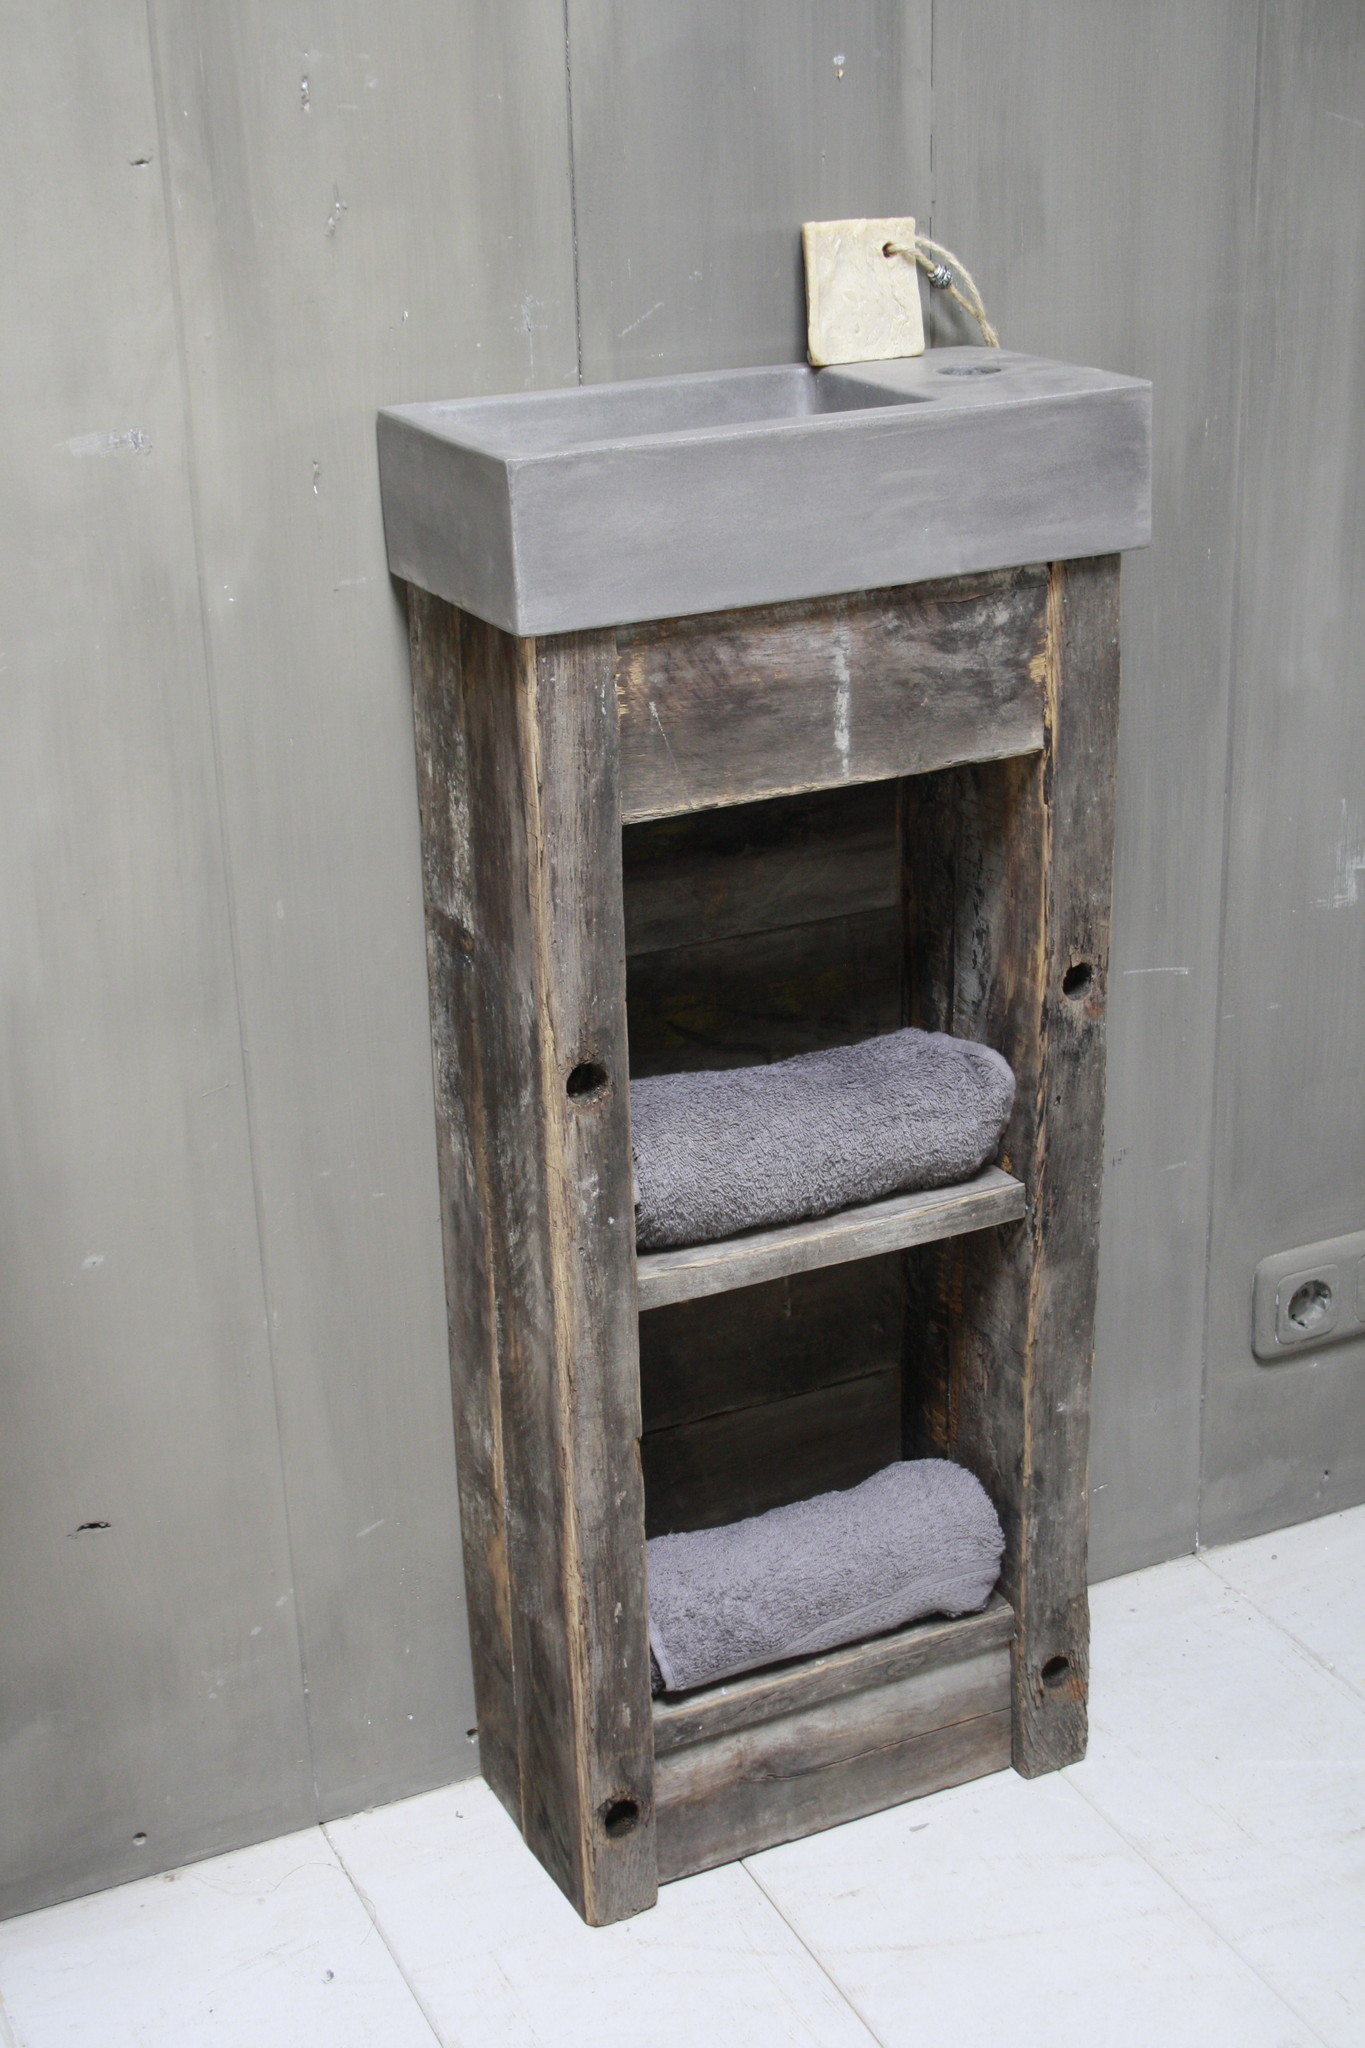 Toiletmeubel oud hout met betonbak 90 cm dark grey-1